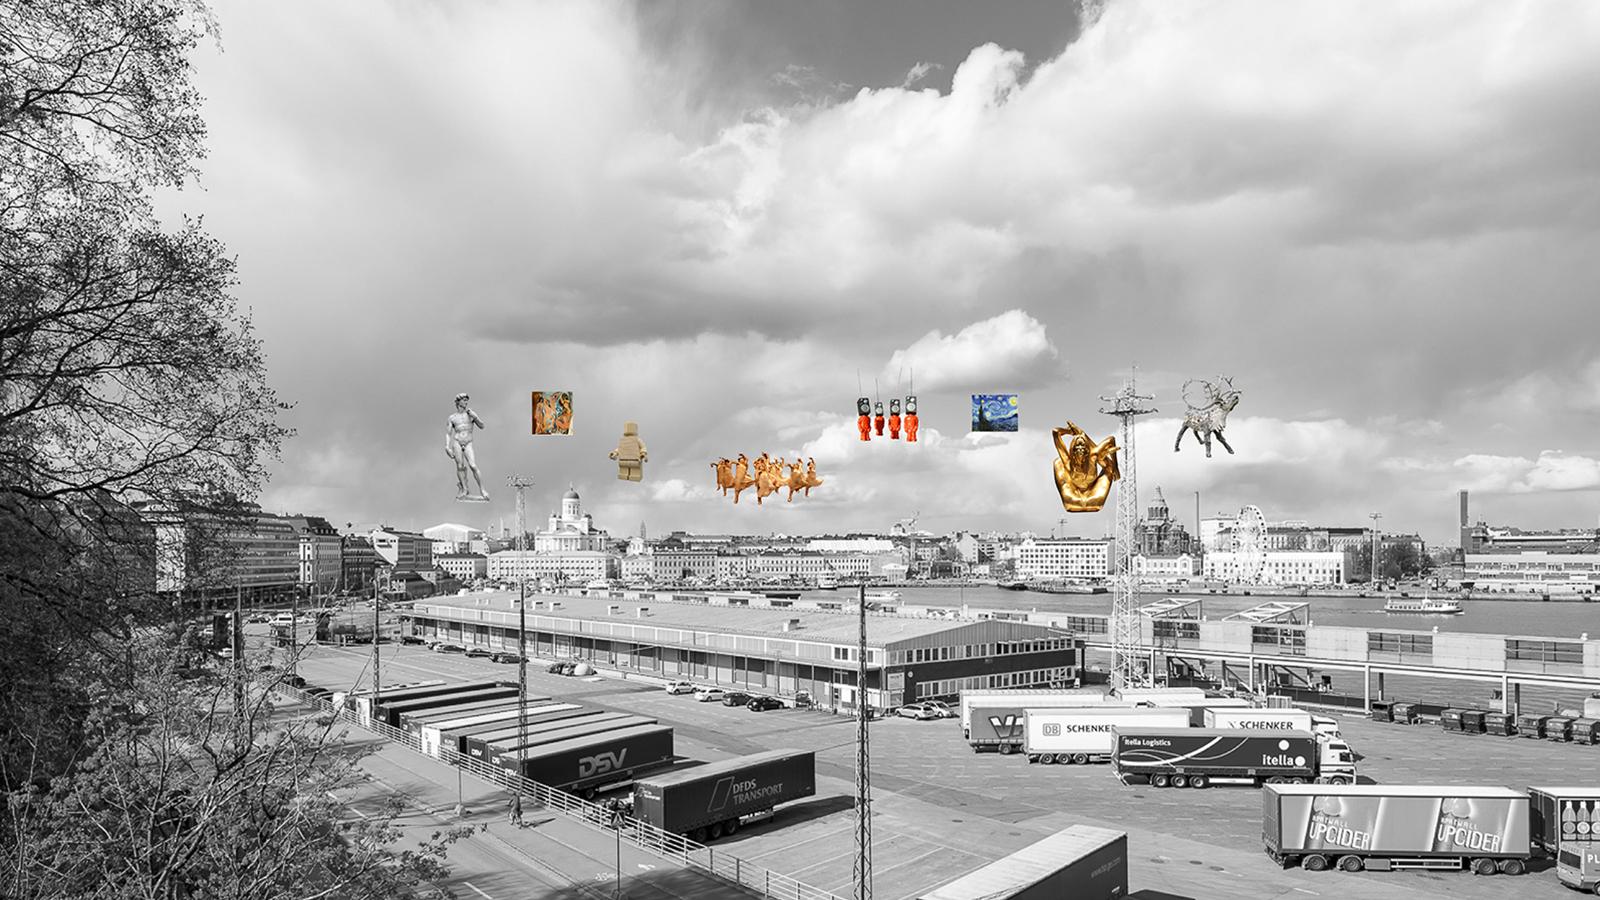 MJZ_Helsinki-sKy-2-1600×900